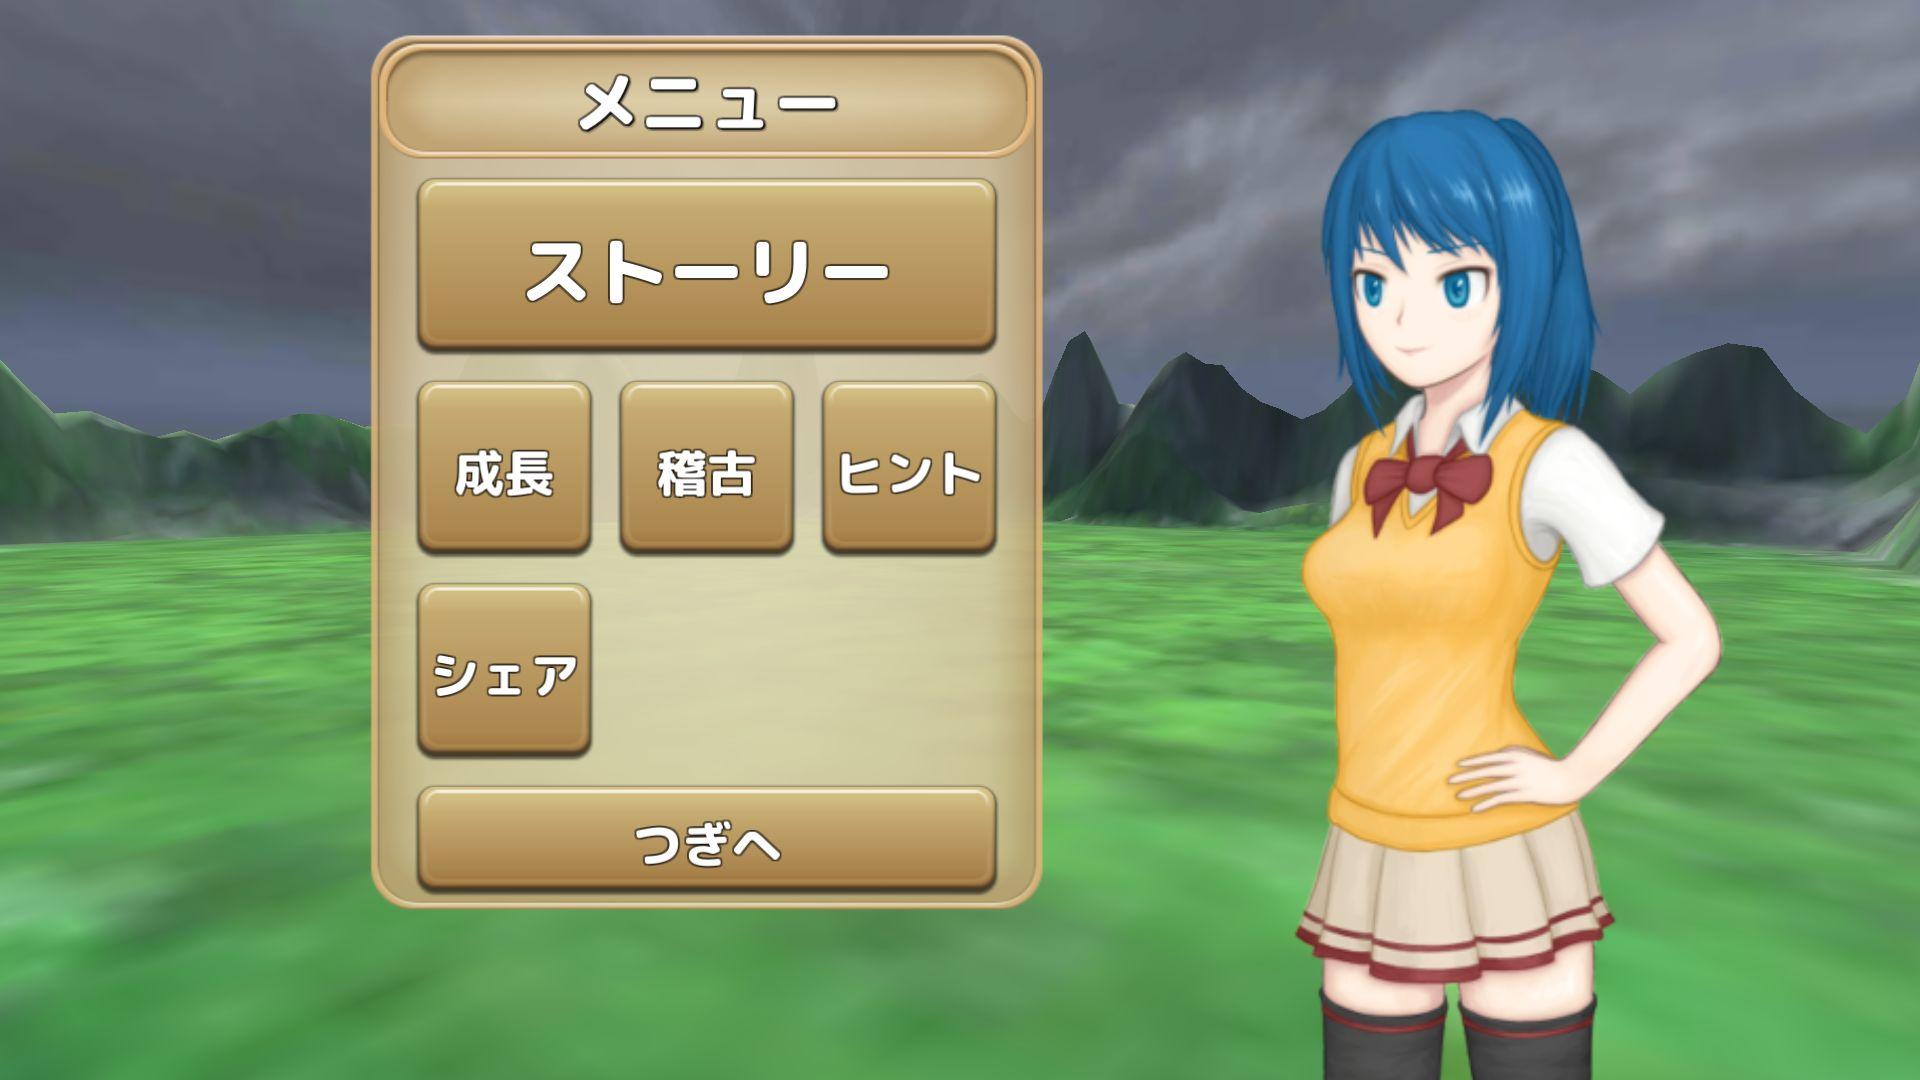 androidアプリ 素手でドラゴンを倒す少女攻略スクリーンショット1